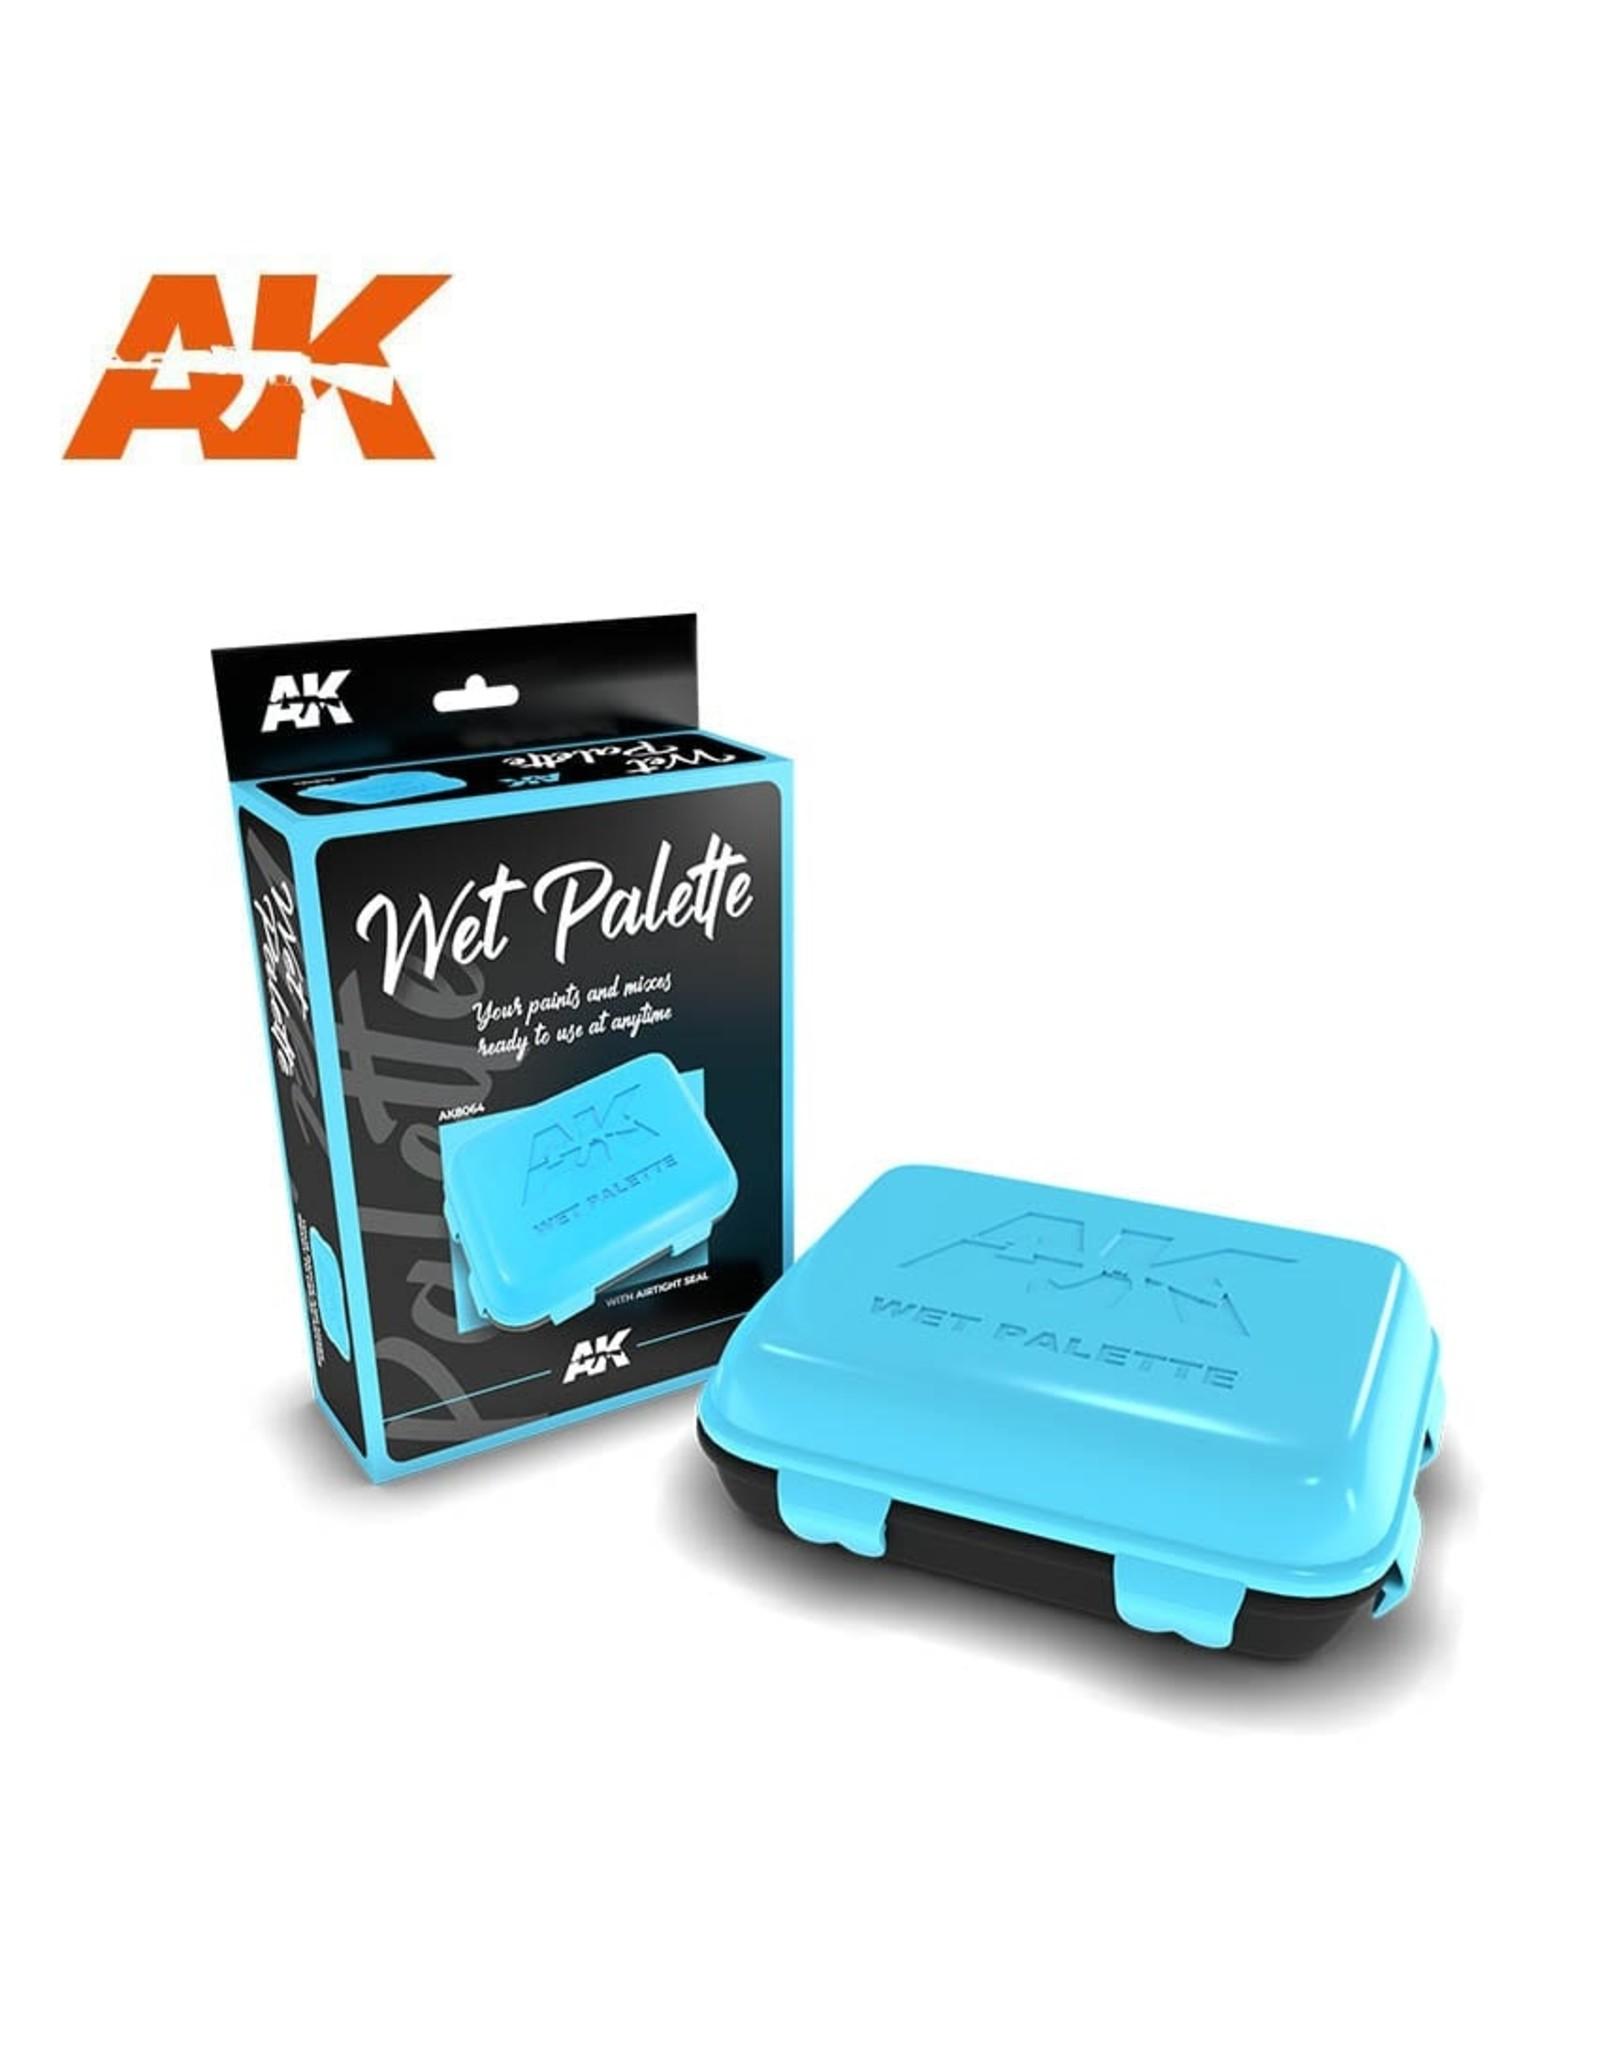 AK-Interactive AK Interactive Wet Palette